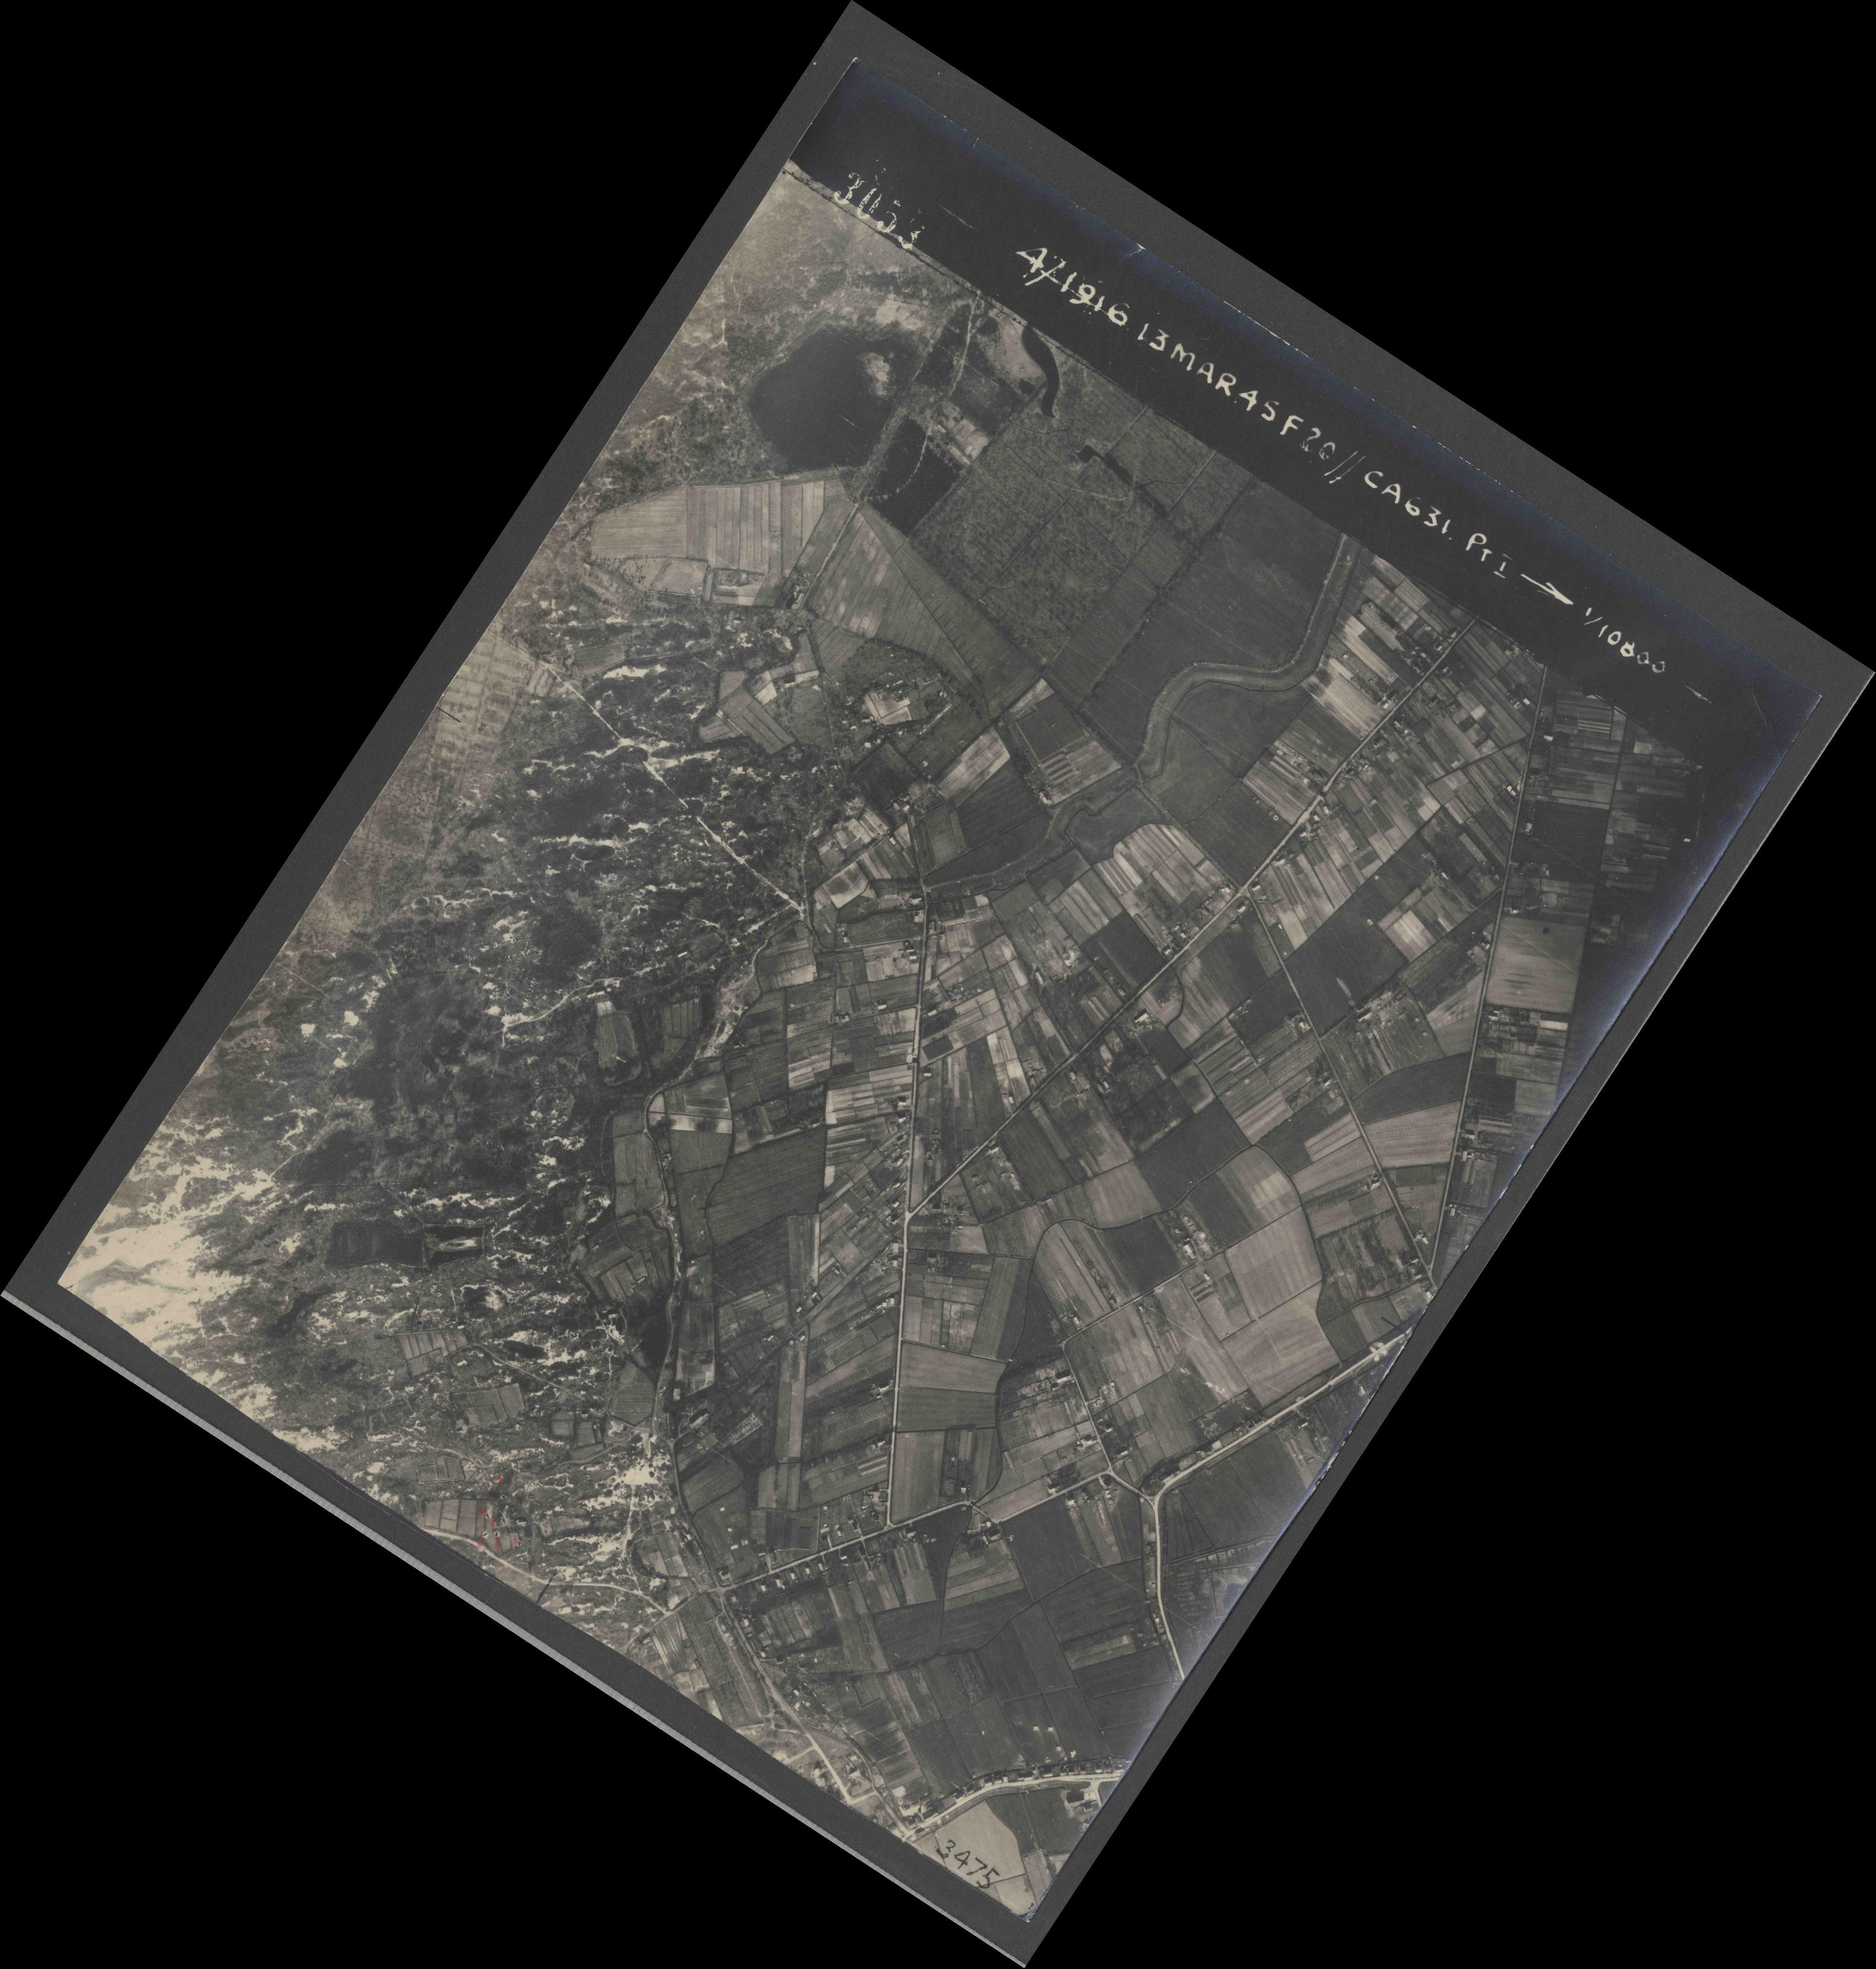 Collection RAF aerial photos 1940-1945 - flight 085, run 01, photo 3058